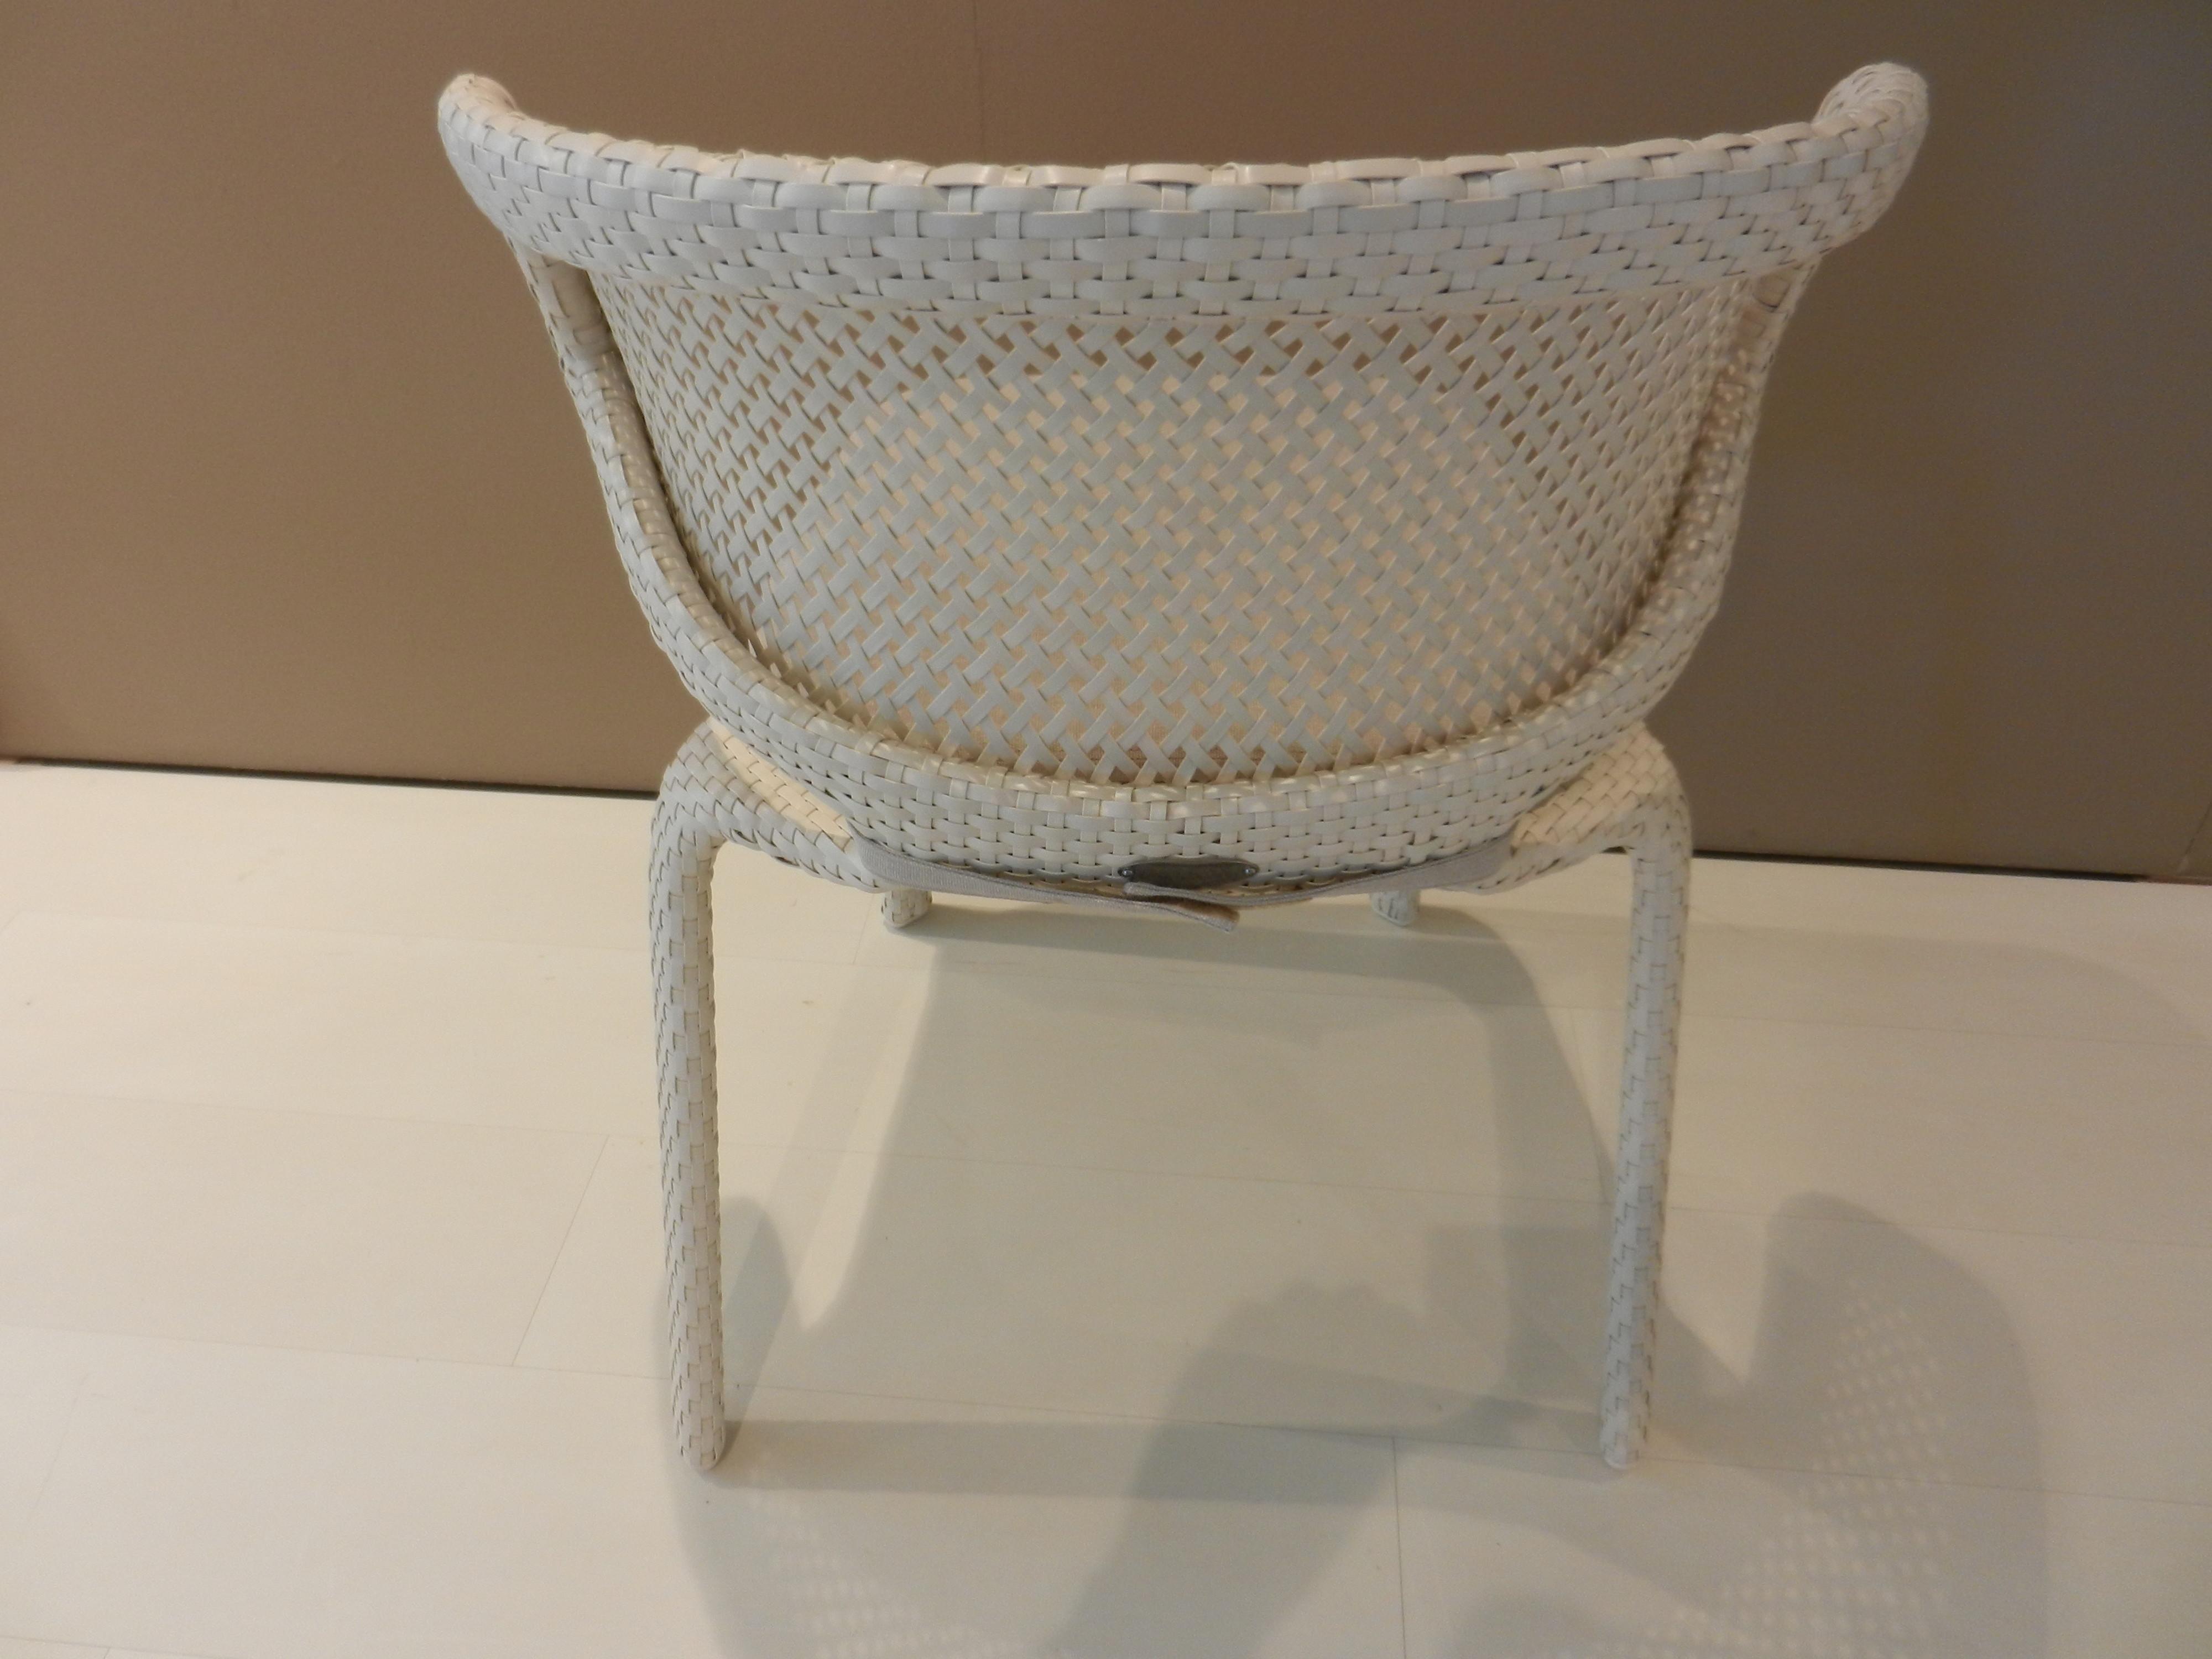 4 Stühle Seashell von Dedon 05